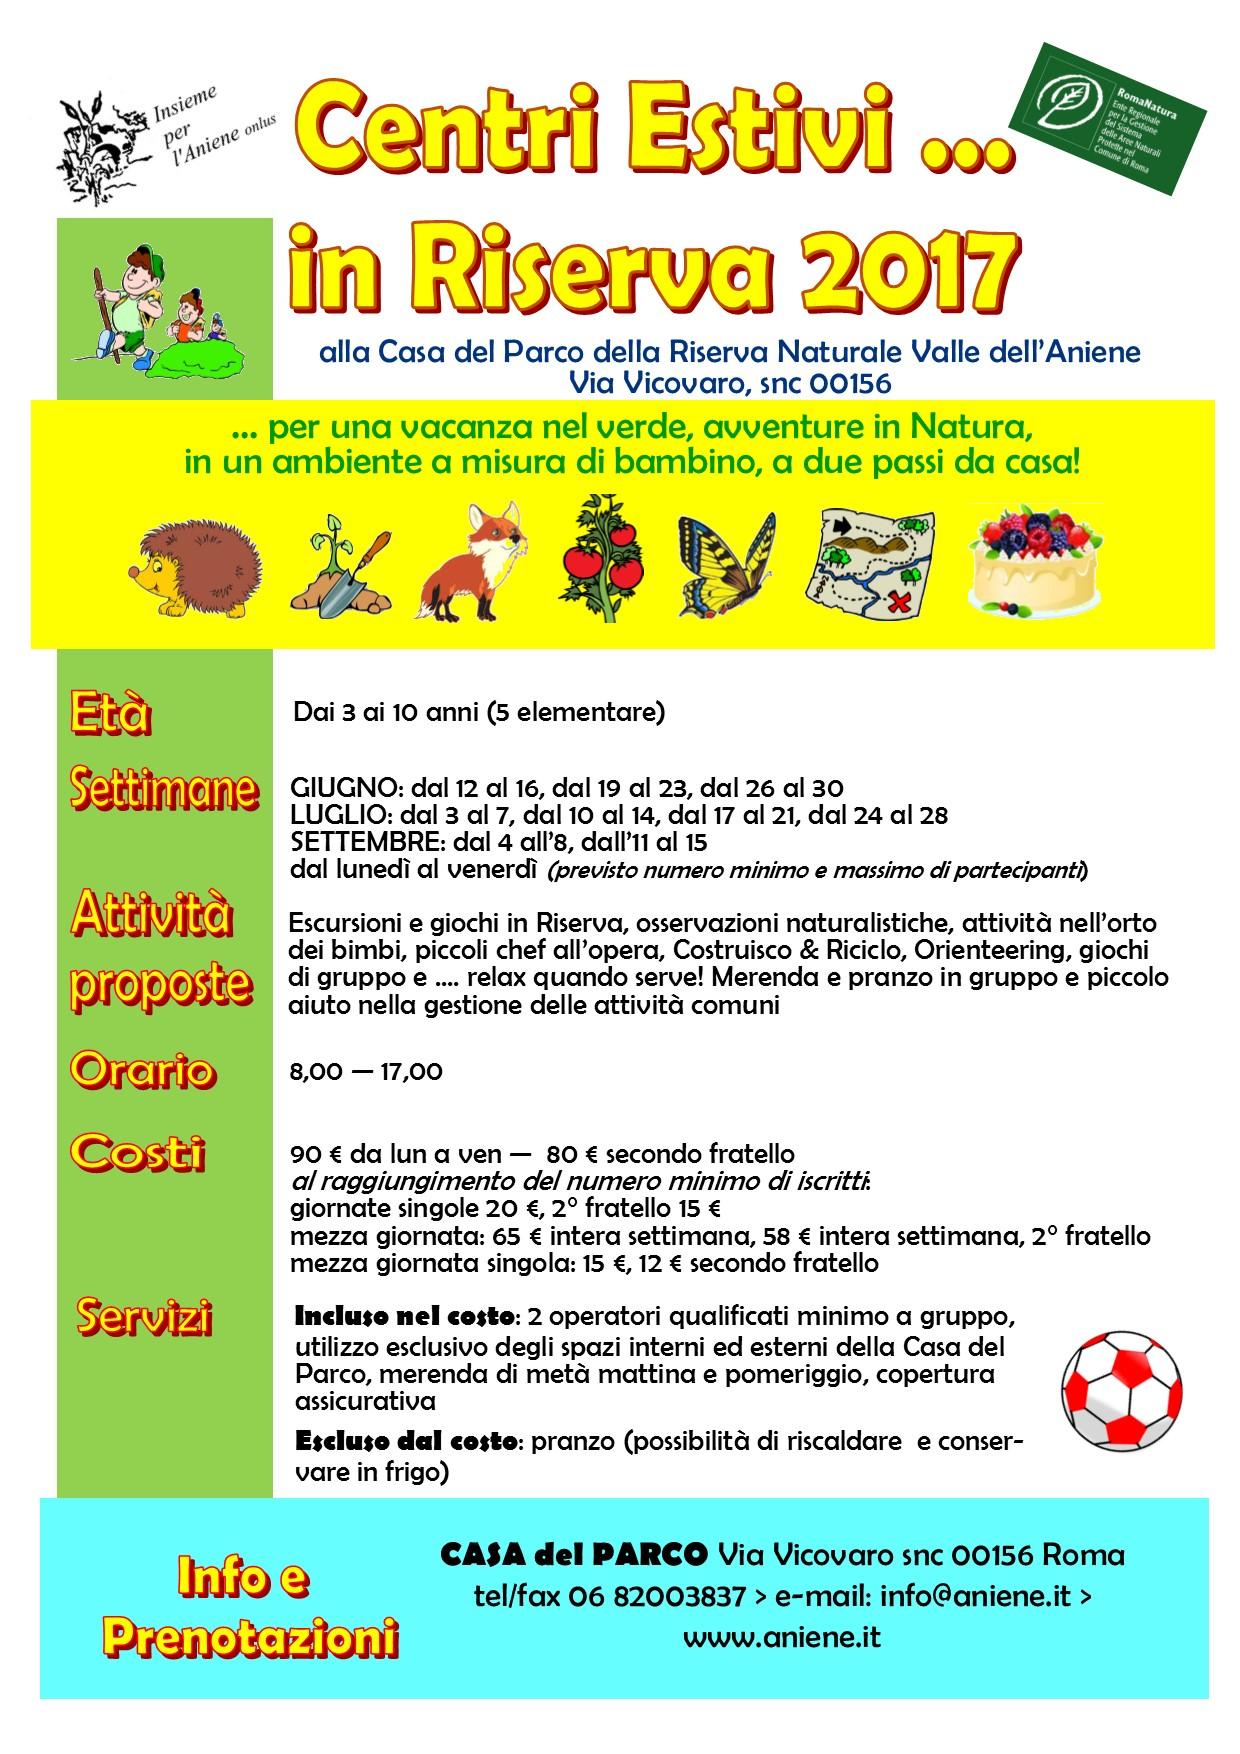 Centri Estivi in Riserva 2017